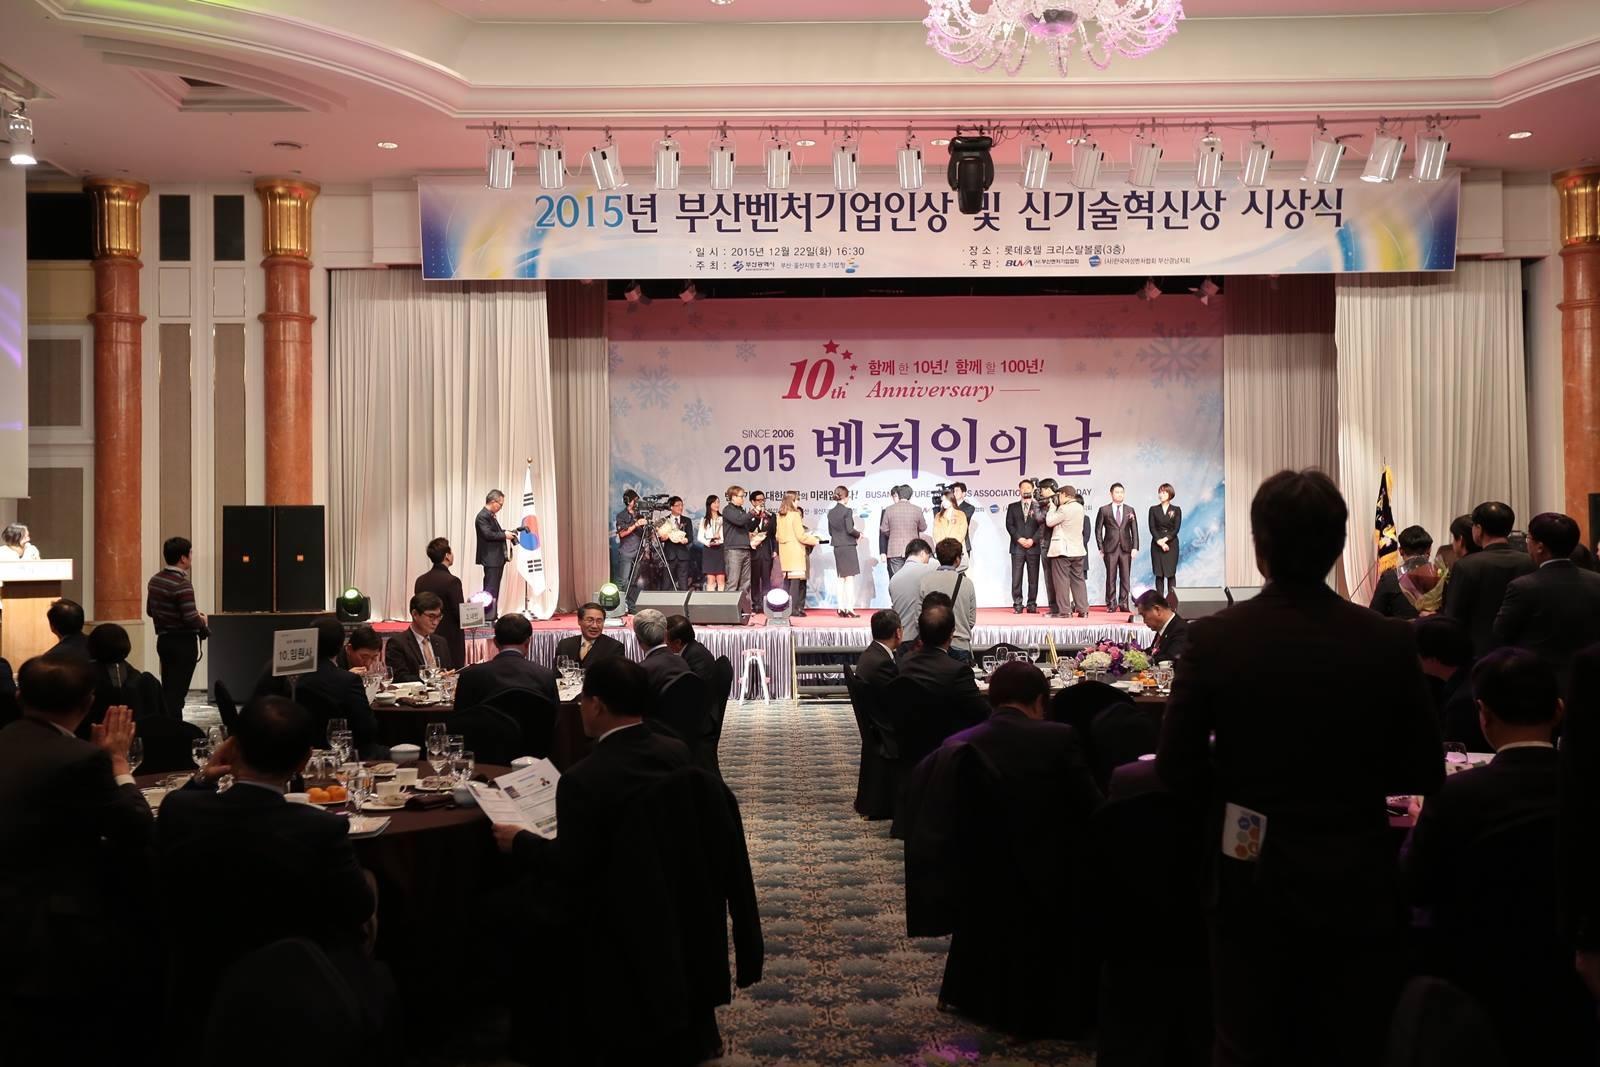 올해의 부산벤처기업인상 수상 '제로웹' 이재현 대표